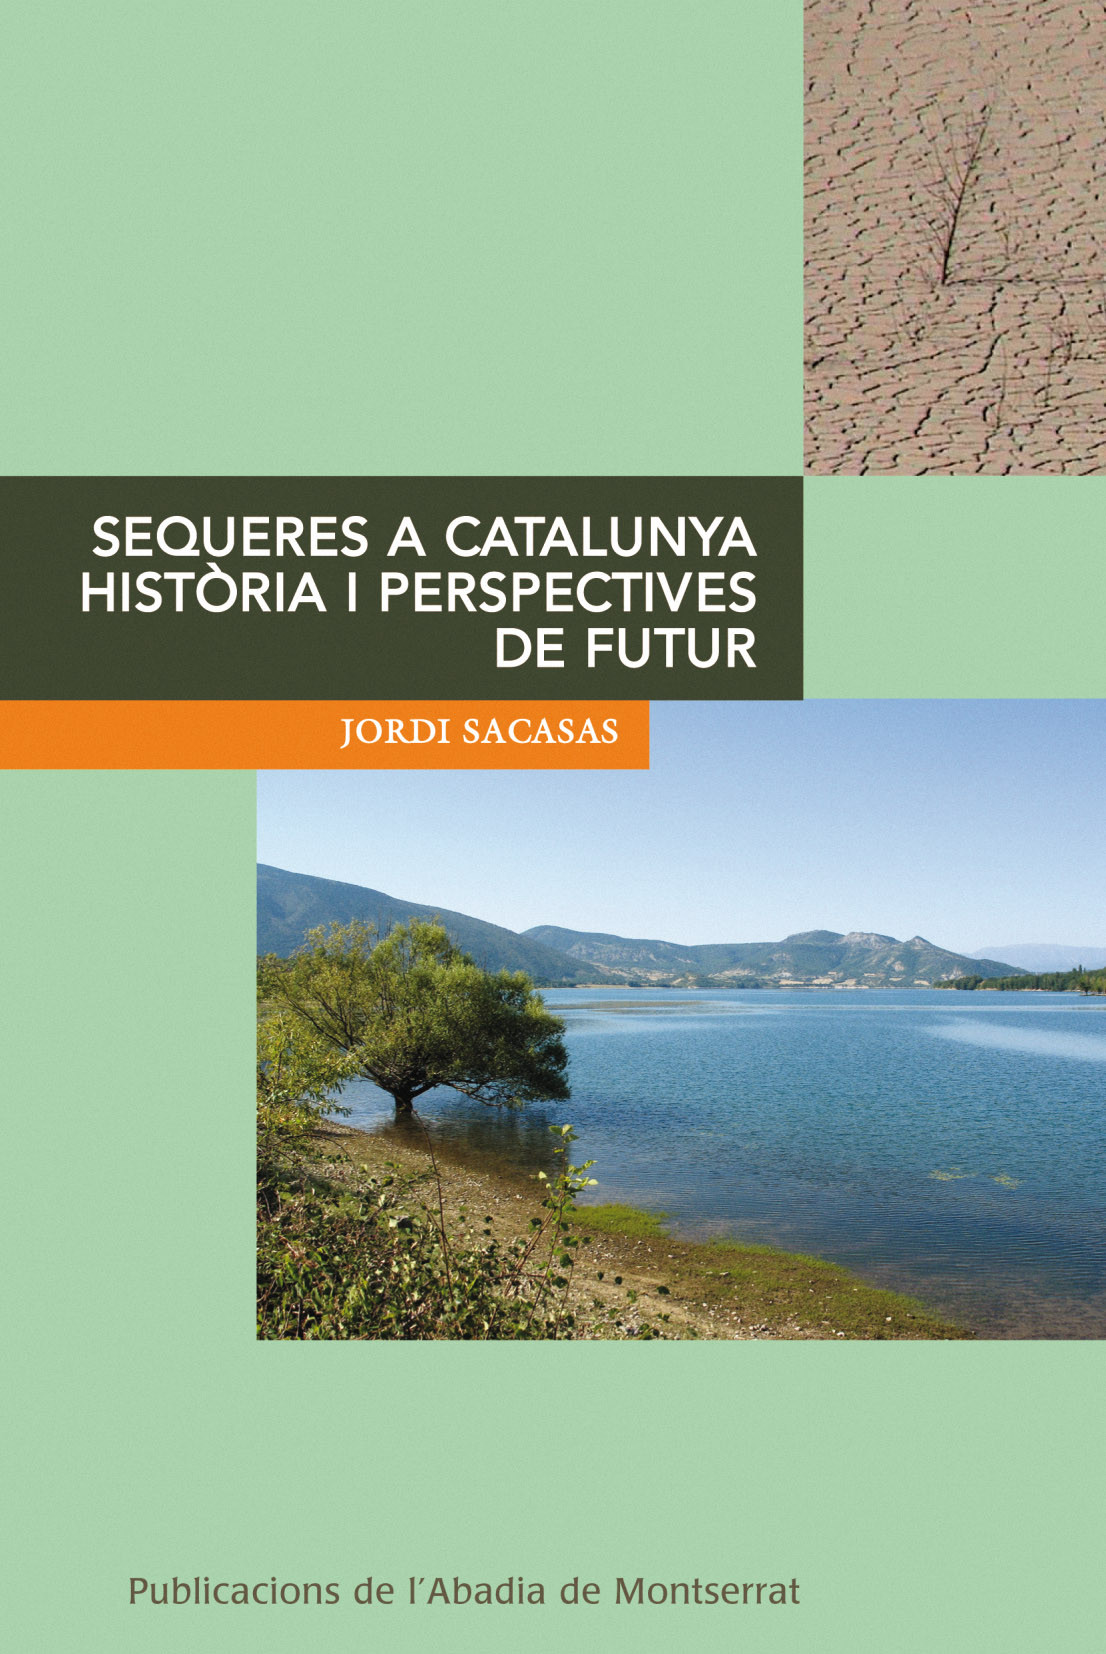 SEQUERES A CATALUNYA : HISTÒRIA I PERSPECTIVES DE FUTUR